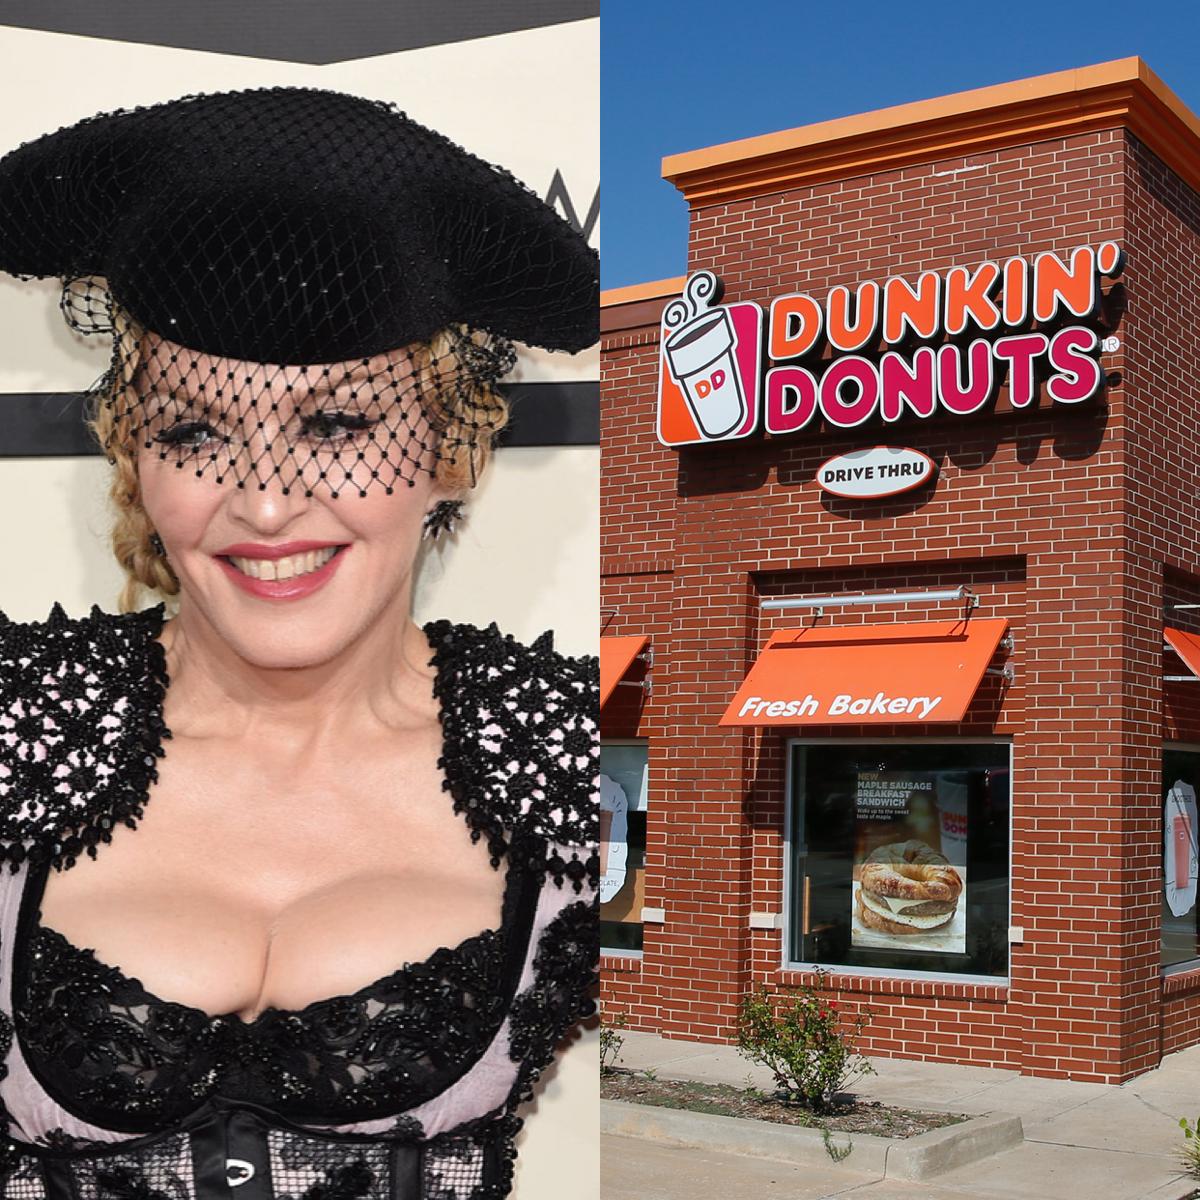 歌手になる夢を追いかけてニューヨークに来たとき、35ドルしか持っていなかったマドンナ(60)。タイムズスクエアにある「ダンキンドーナツ」で仕事をもらうも、ジェリードーナツの中身を客にかけ初日に解雇!